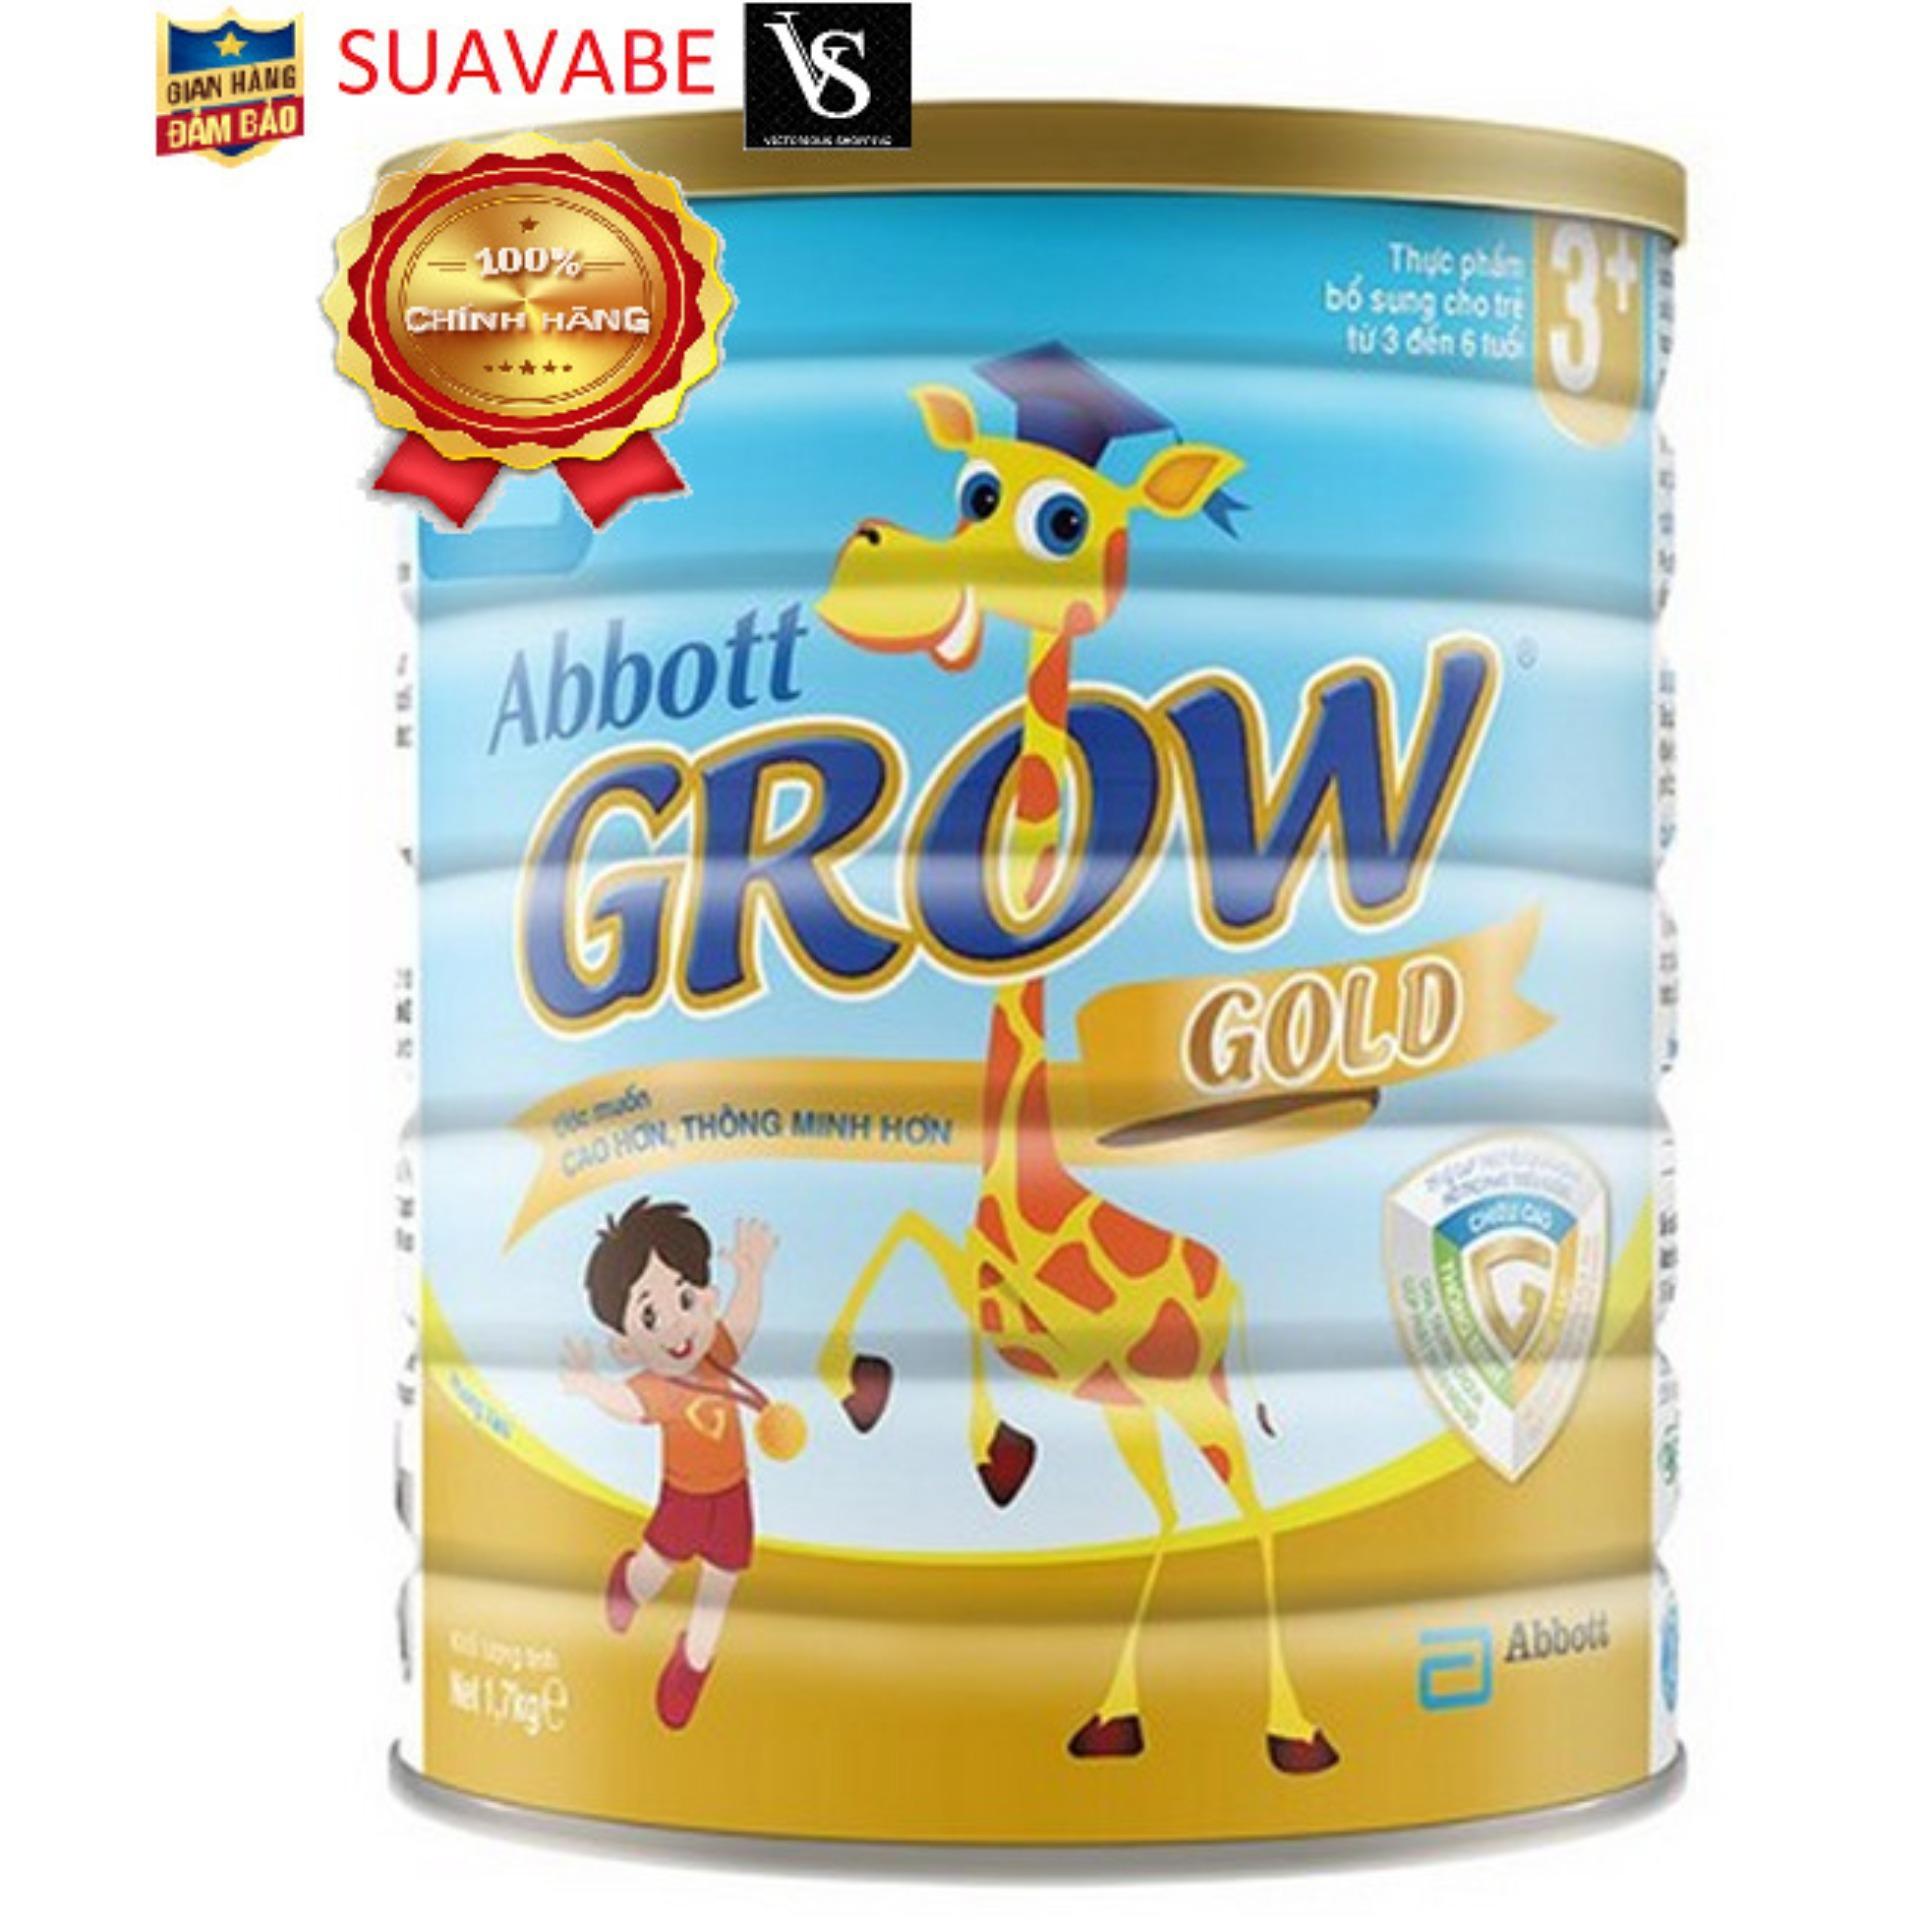 Sữa bột Abbott Grow Gold 3+ Hương Vani 1.7kg dễ tiêu hóa; hấp thụ, hỗ trợ phát triển trí tuệ; thị giác & ngôn ngữ